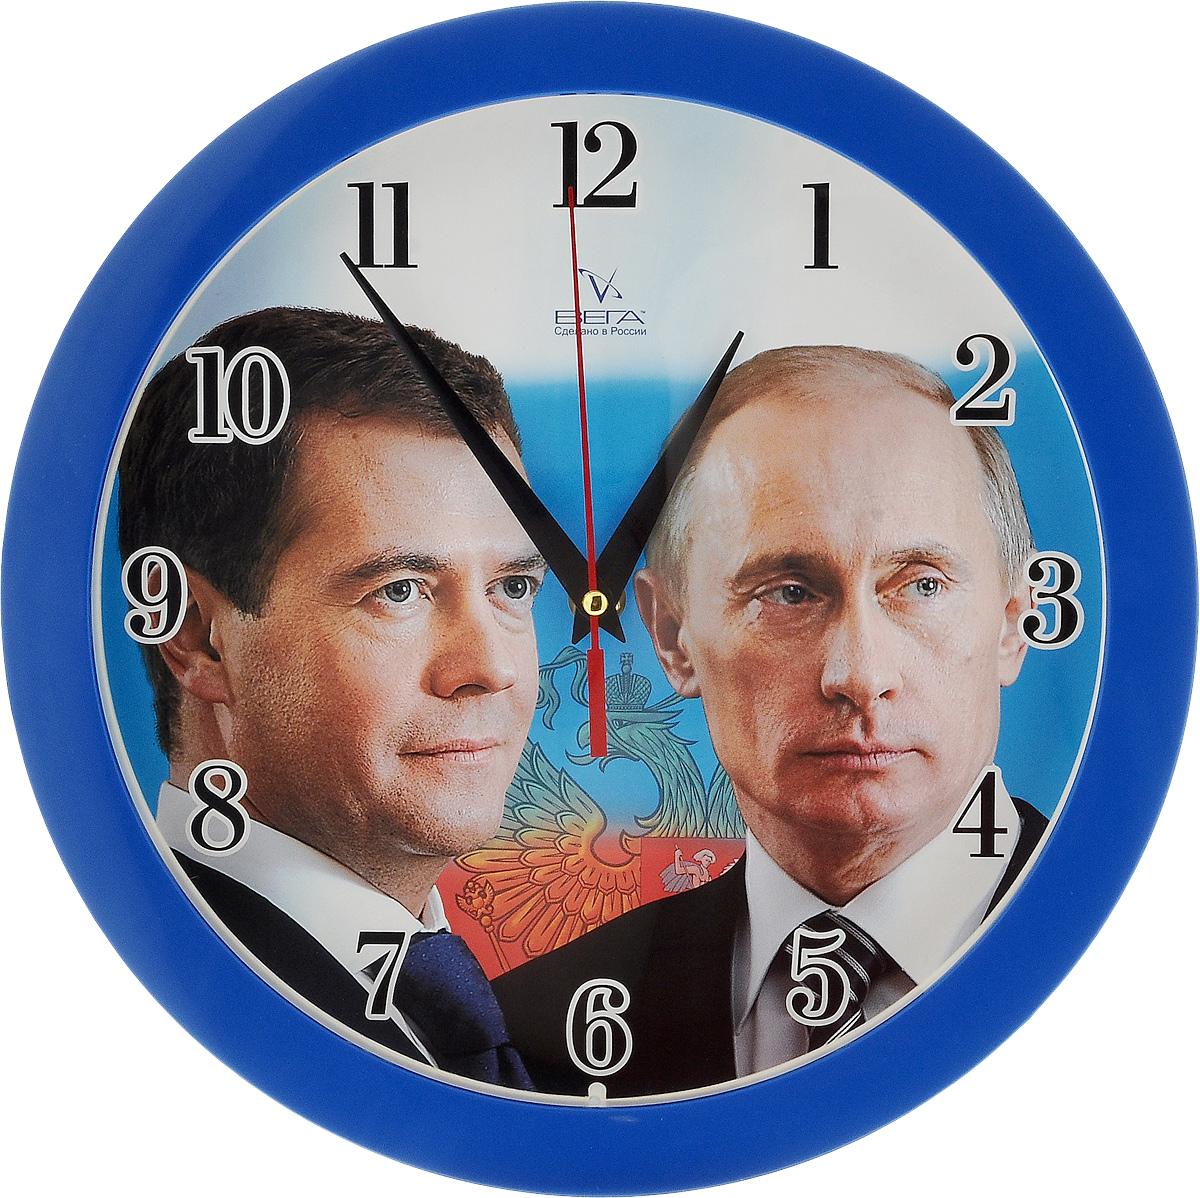 Часы настенные Вега Первые лица, диаметр 28,5 смД4Д/7-26Настенные кварцевые часы Вега Первые лица, изготовленные из пластика, прекрасно впишутся в интерьер вашего дома. Круглые часы имеют три стрелки: часовую, минутную и секундную, циферблат защищен прозрачным стеклом. Часы работают от 1 батарейки типа АА напряжением 1,5 В (не входит в комплект). Диаметр часов: 28,5 см.